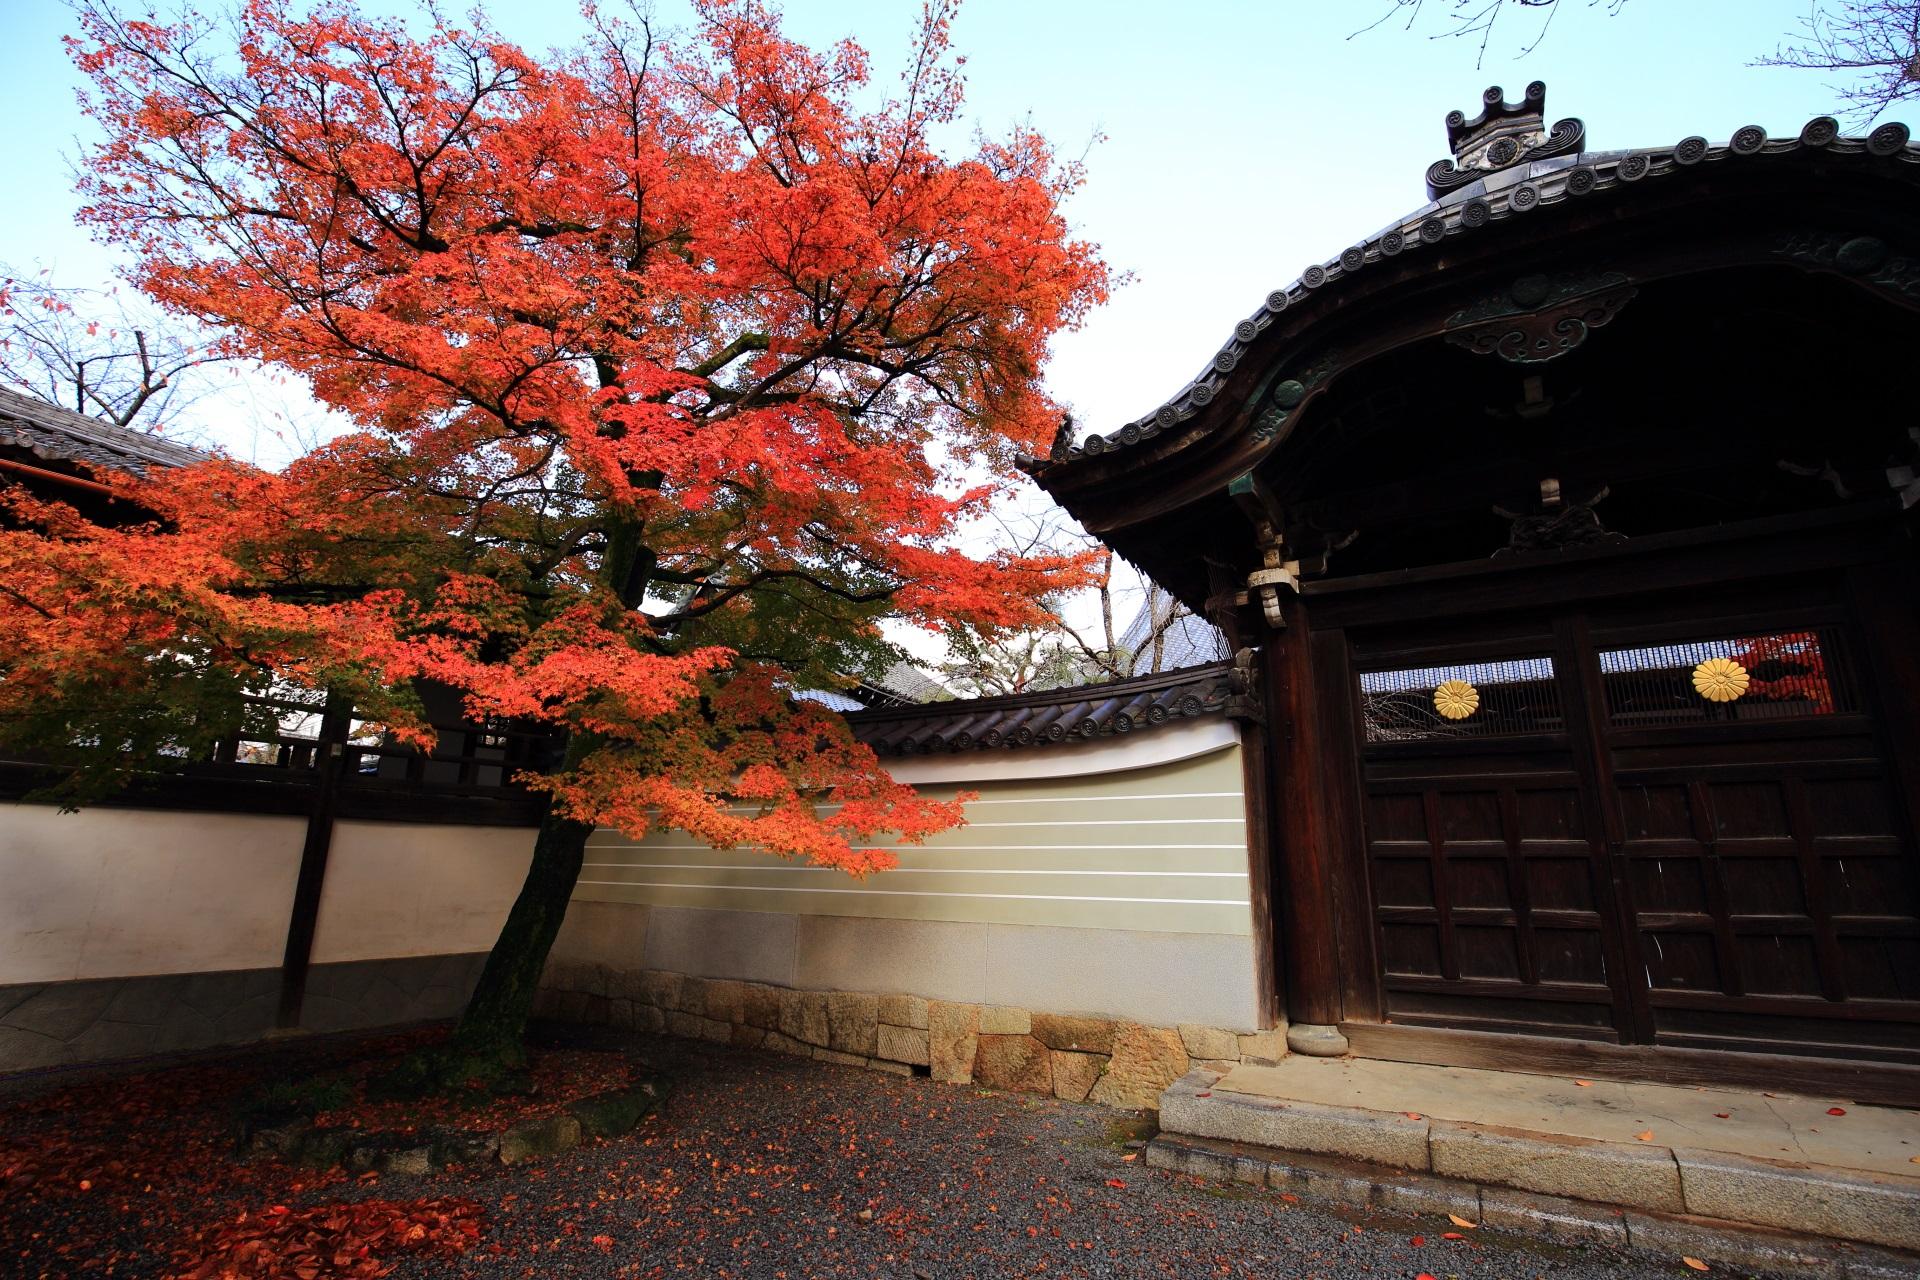 絵になる秋の風景である妙顕寺の勅使門と紅葉